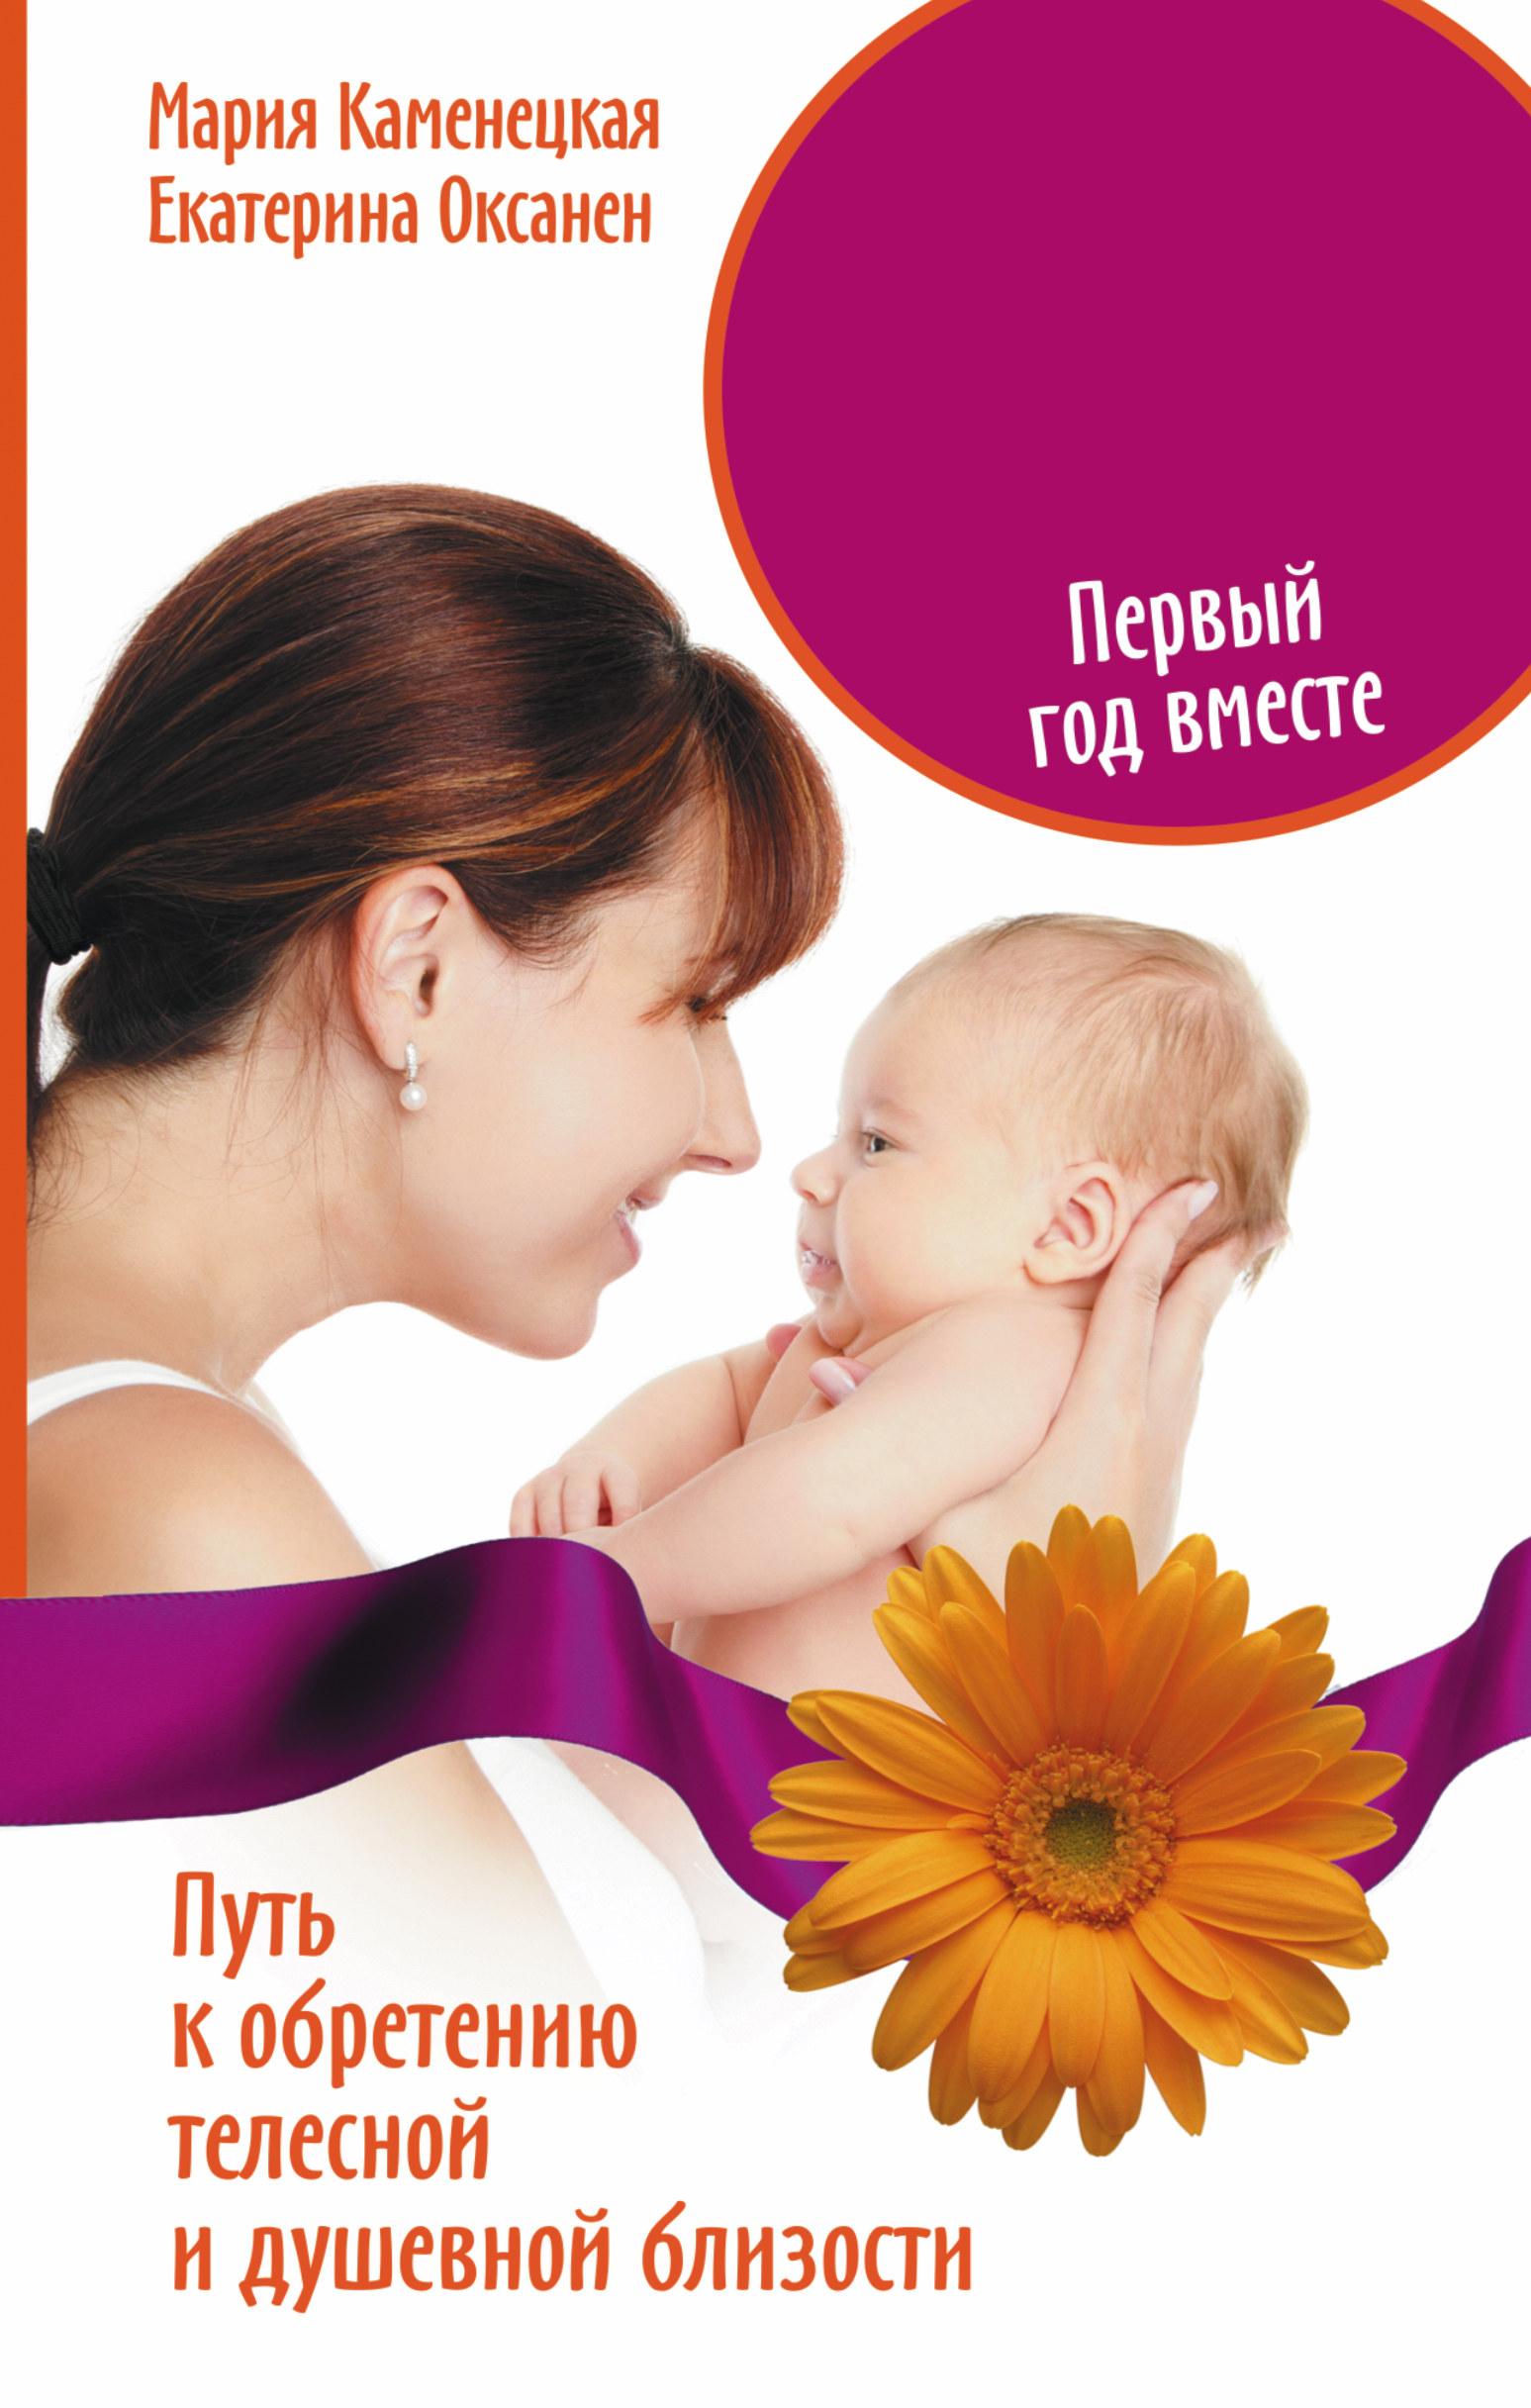 Мать и дитя. Первый год вместе. Путь к обретению телесной и душевной близости ( Каменецкая Мария, Оксанен Екатерина  )